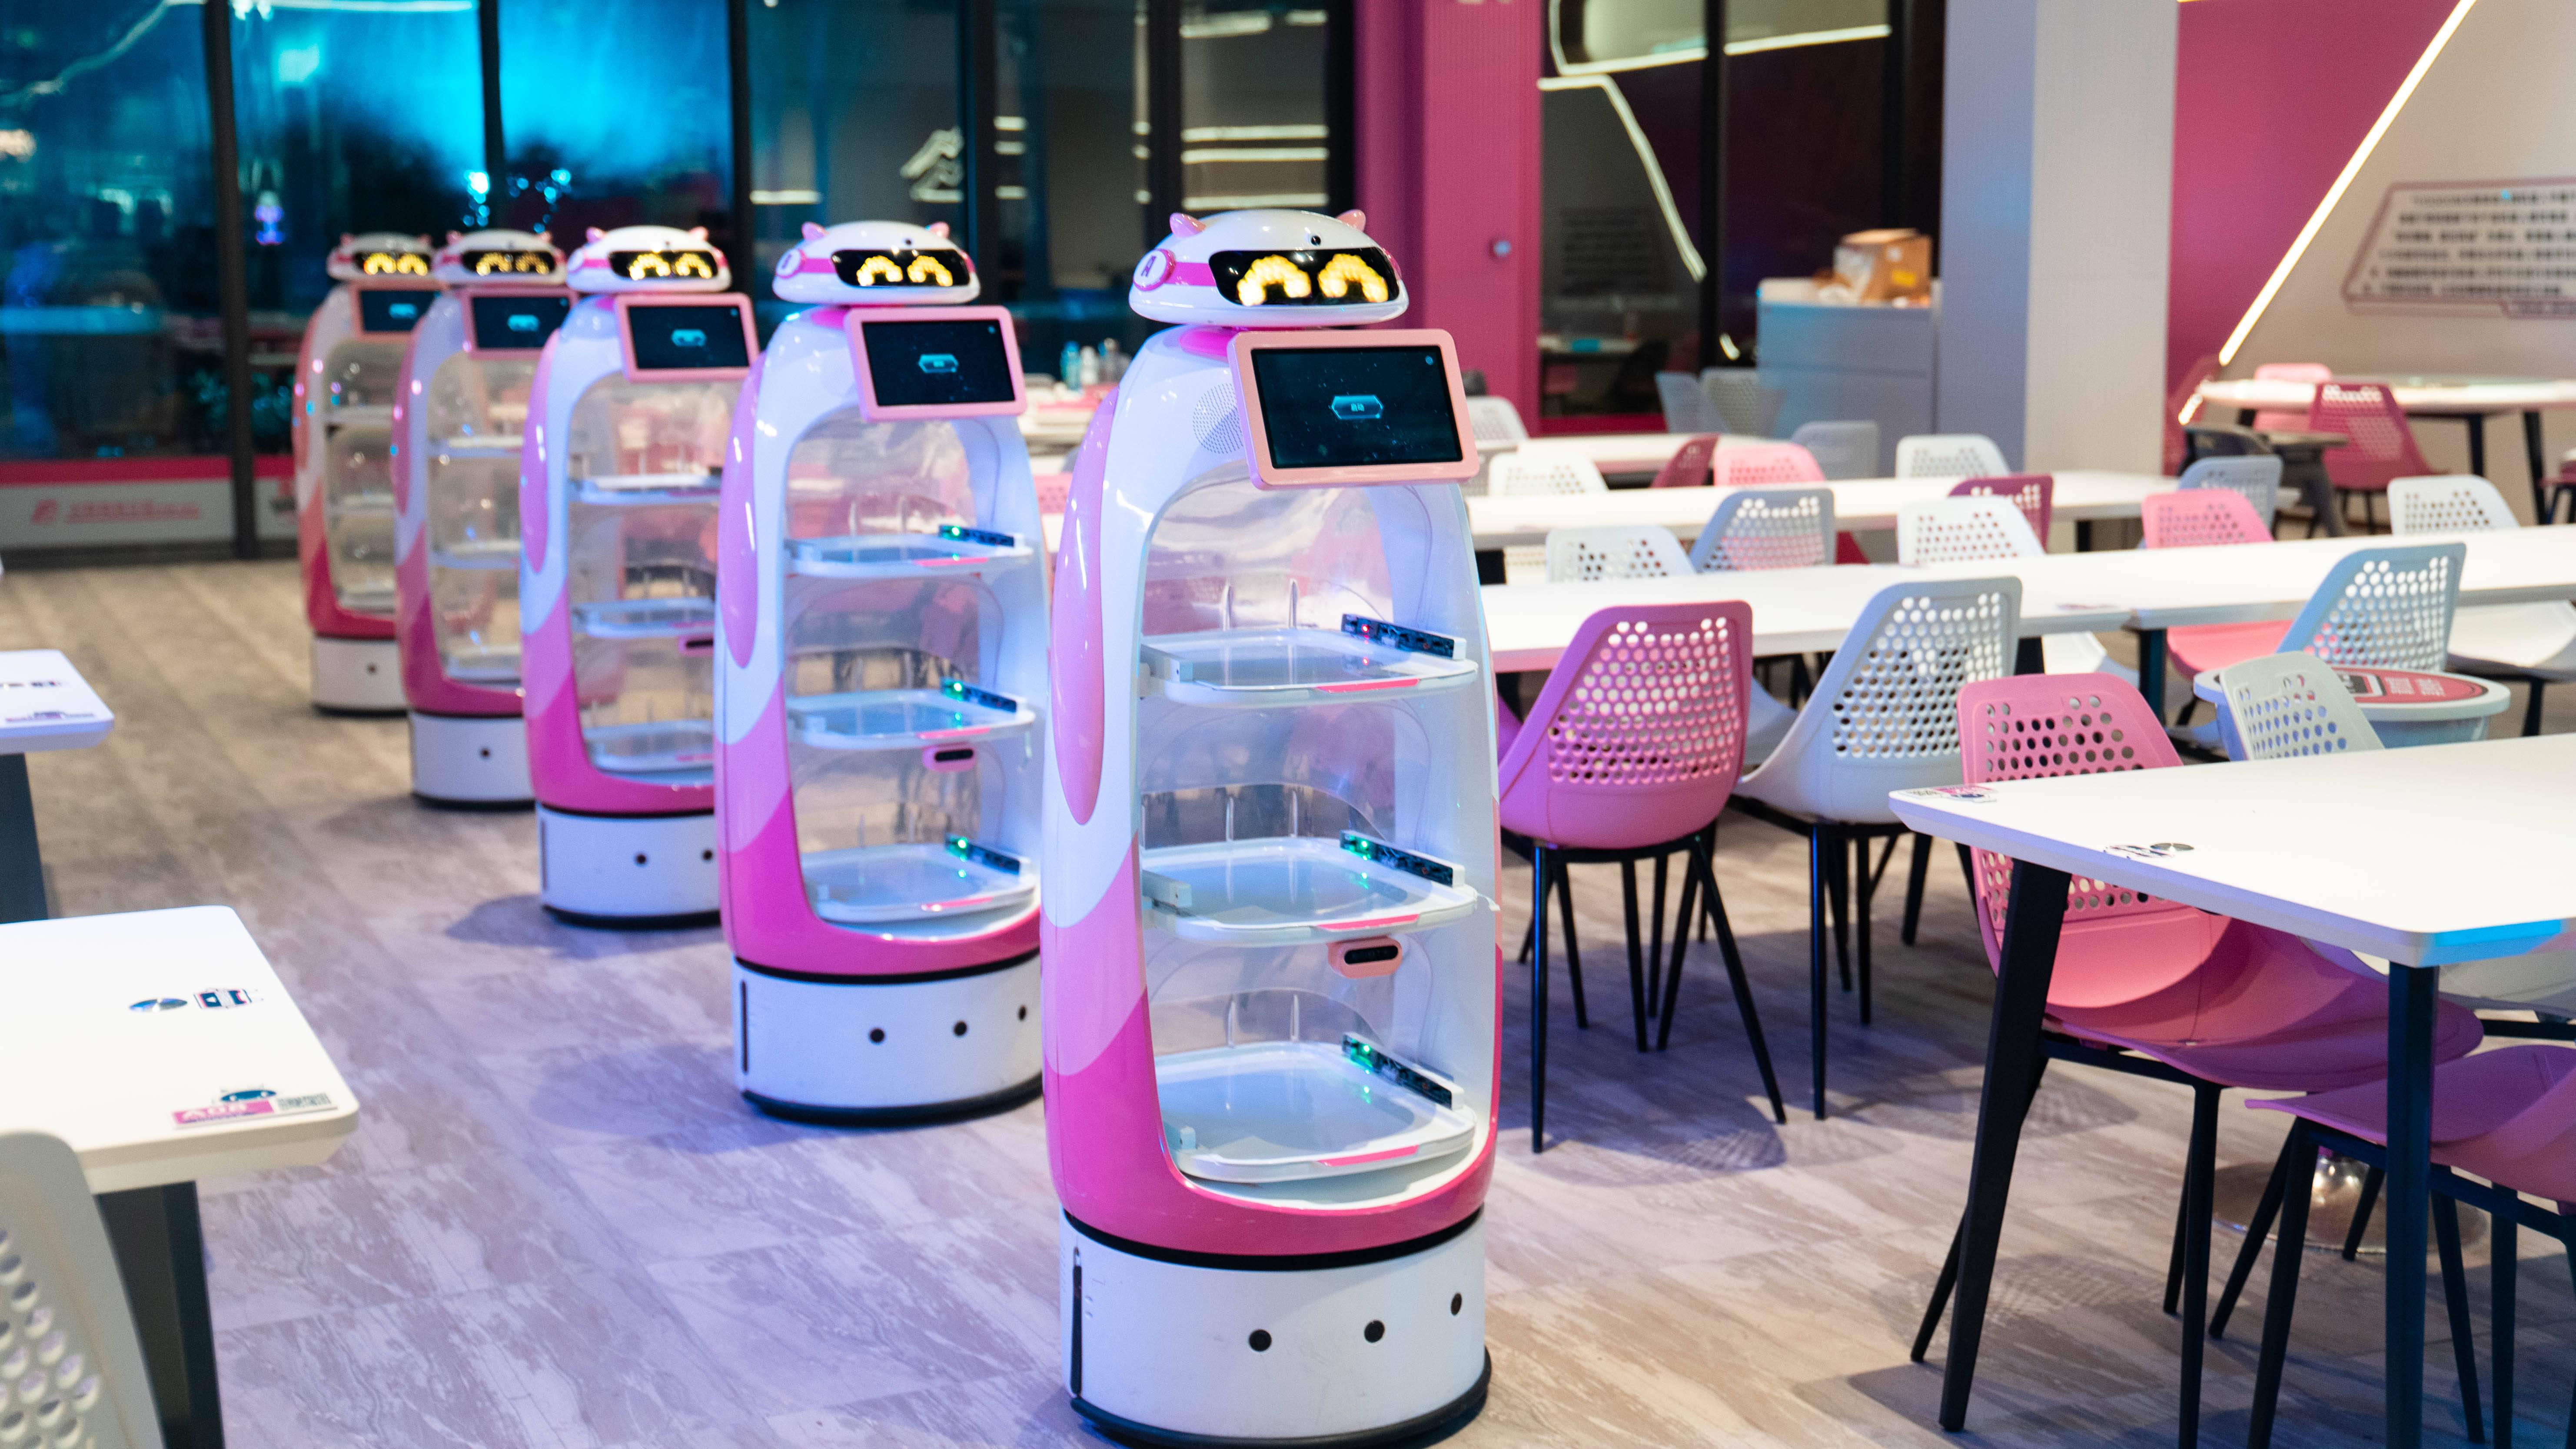 45秒一杯咖啡,半分钟一碗粉面……碧桂园机器人餐厅到底有多神奇?